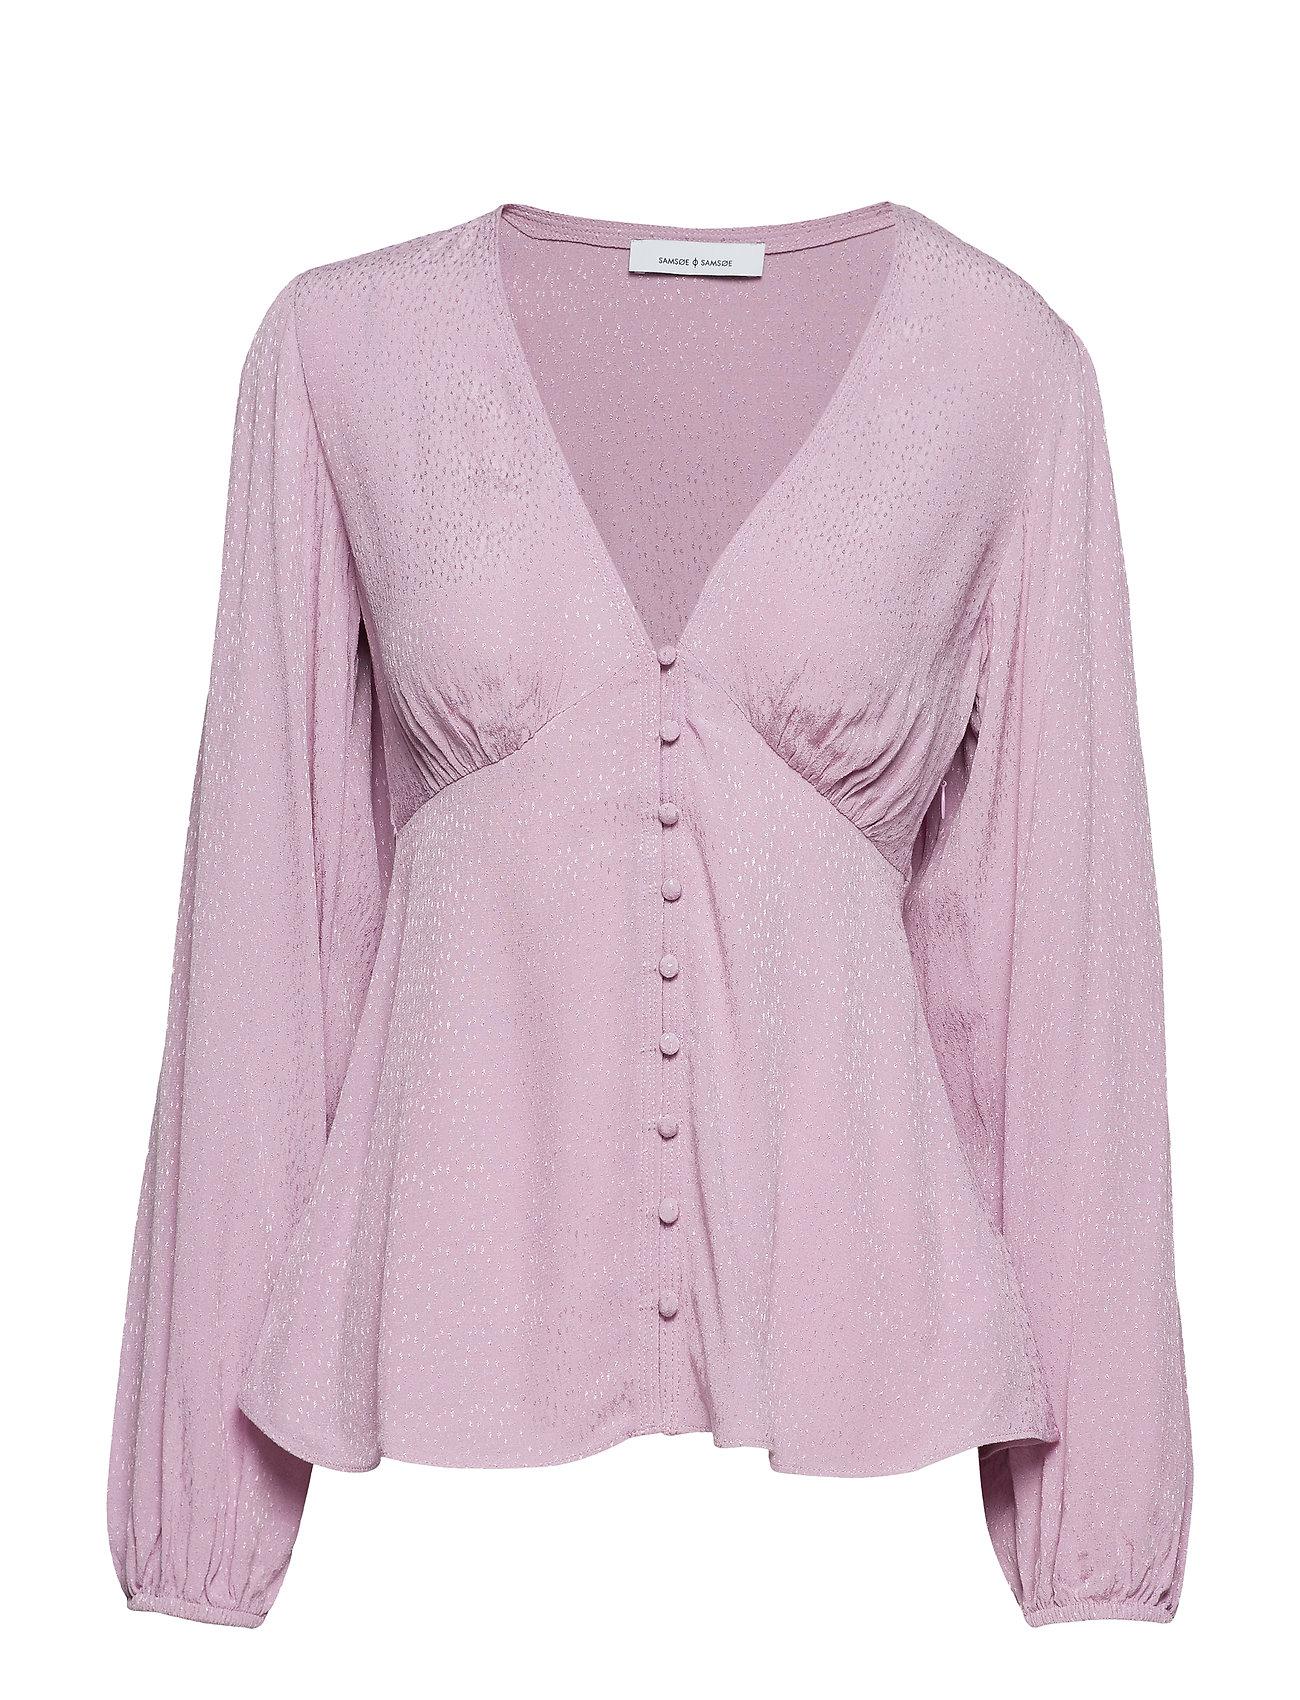 Samsøe & Samsøe Petunia blouse 11511 - LAVENDER HERB